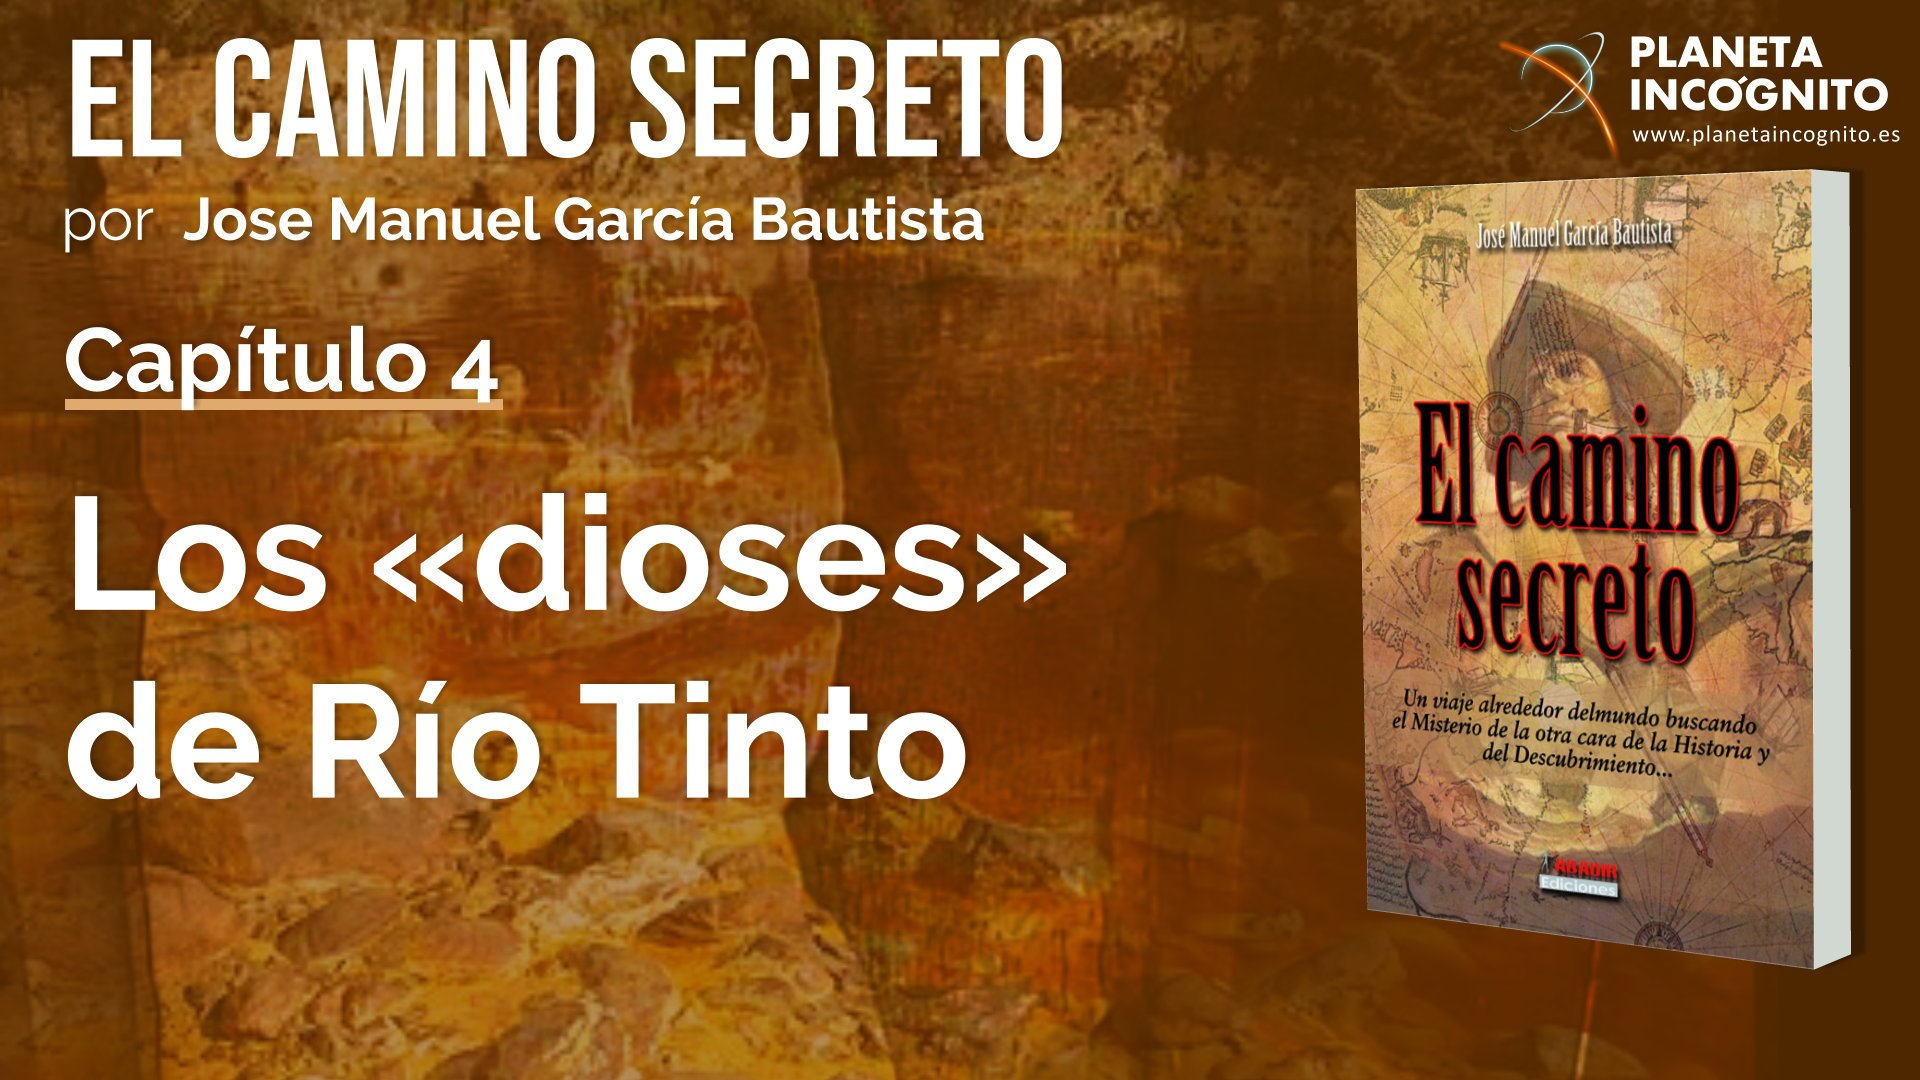 Los Dioses de Río Tinto - Capítulo 4 -El Camino Secreto Jose Manuel García Bautista